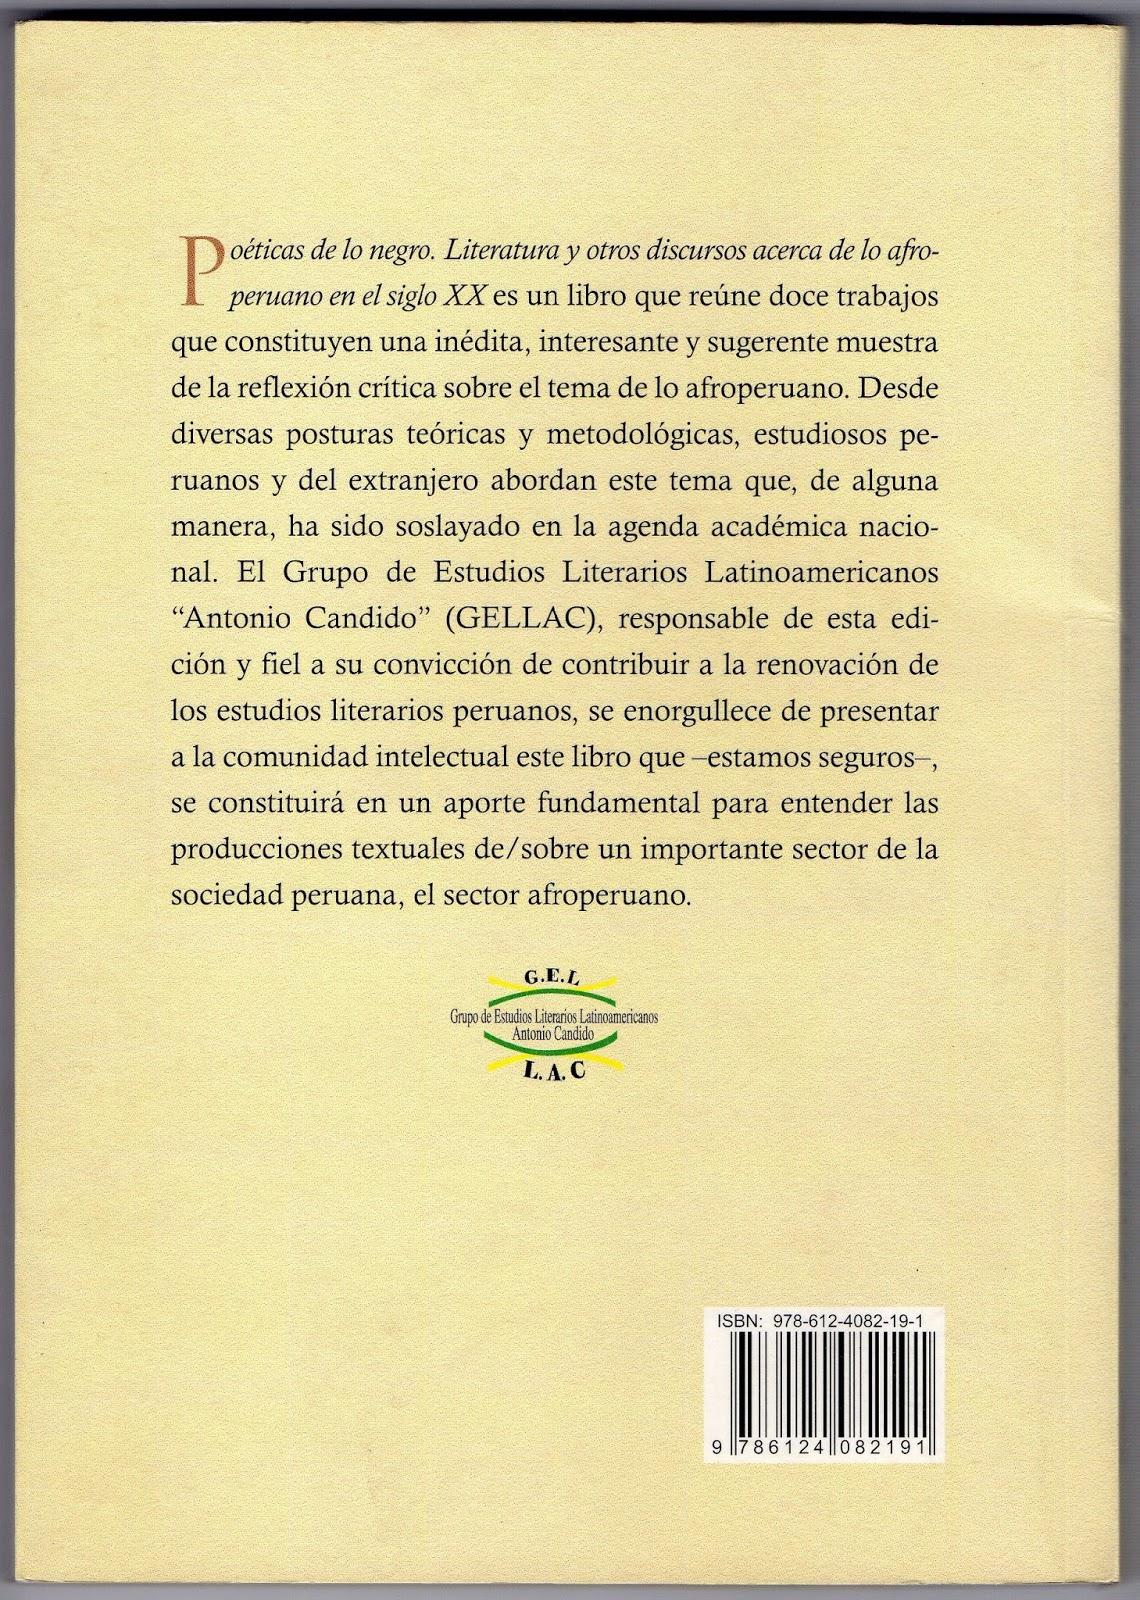 Hipocampo Editores